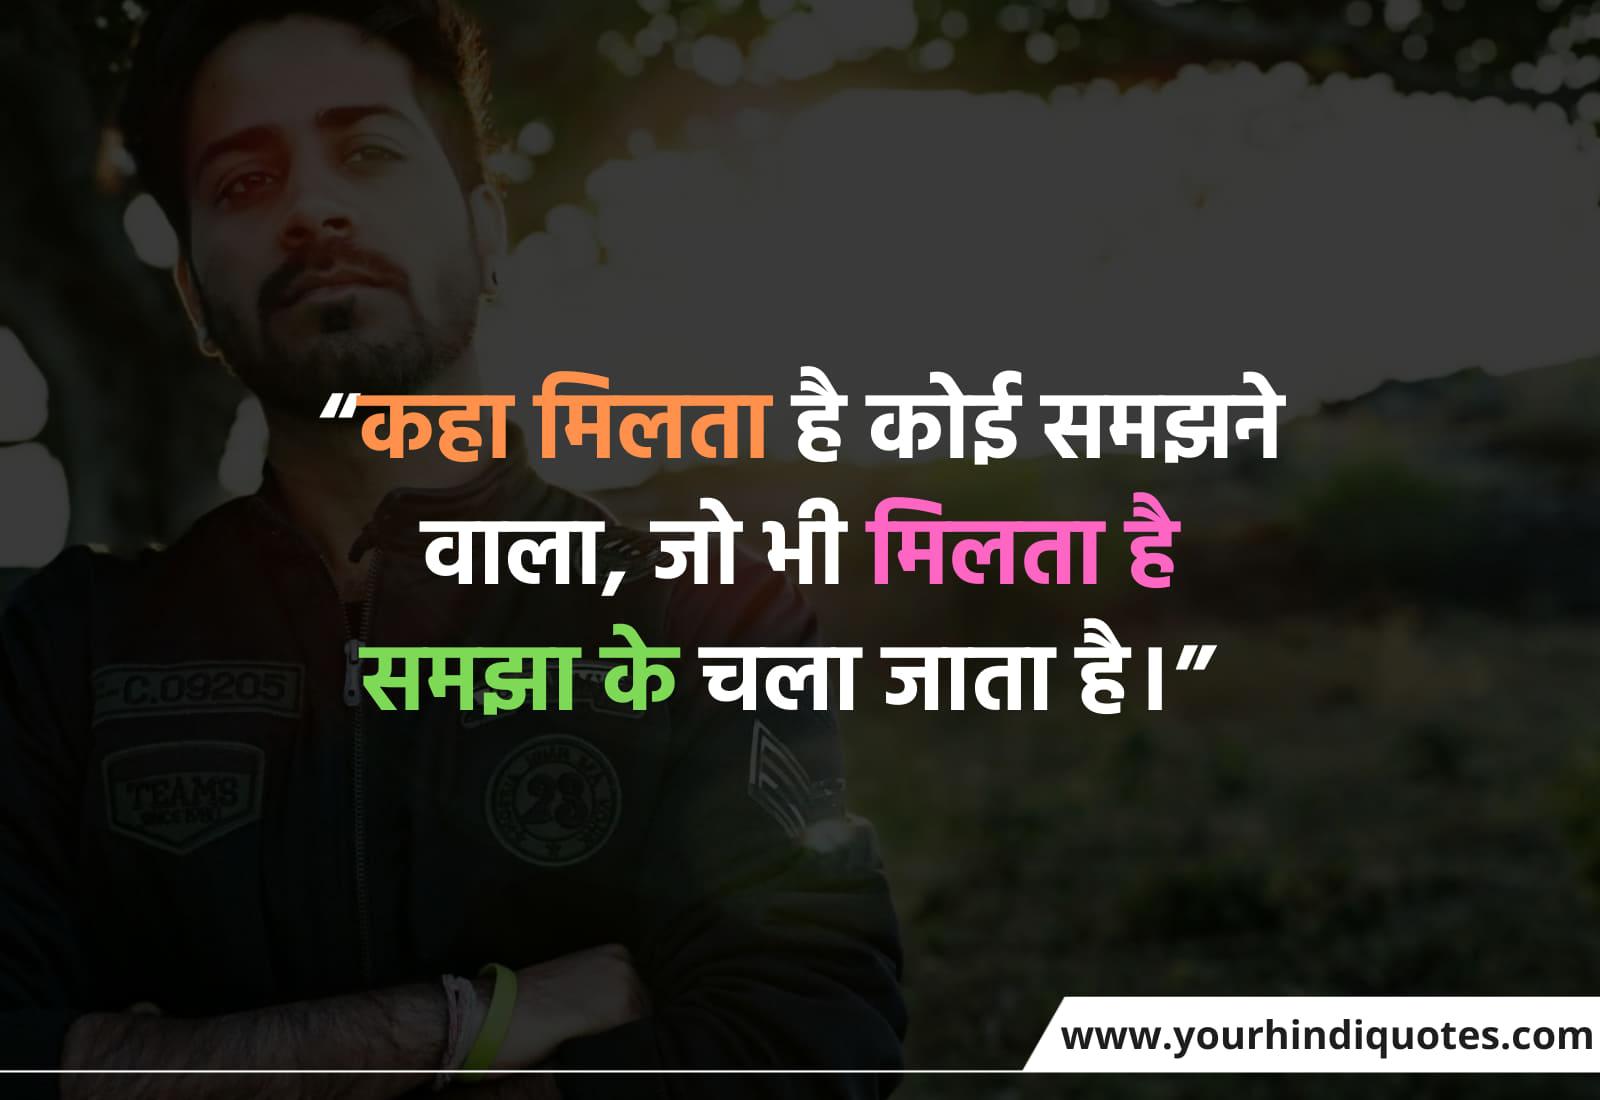 Latest Hindi Emotional Quotes